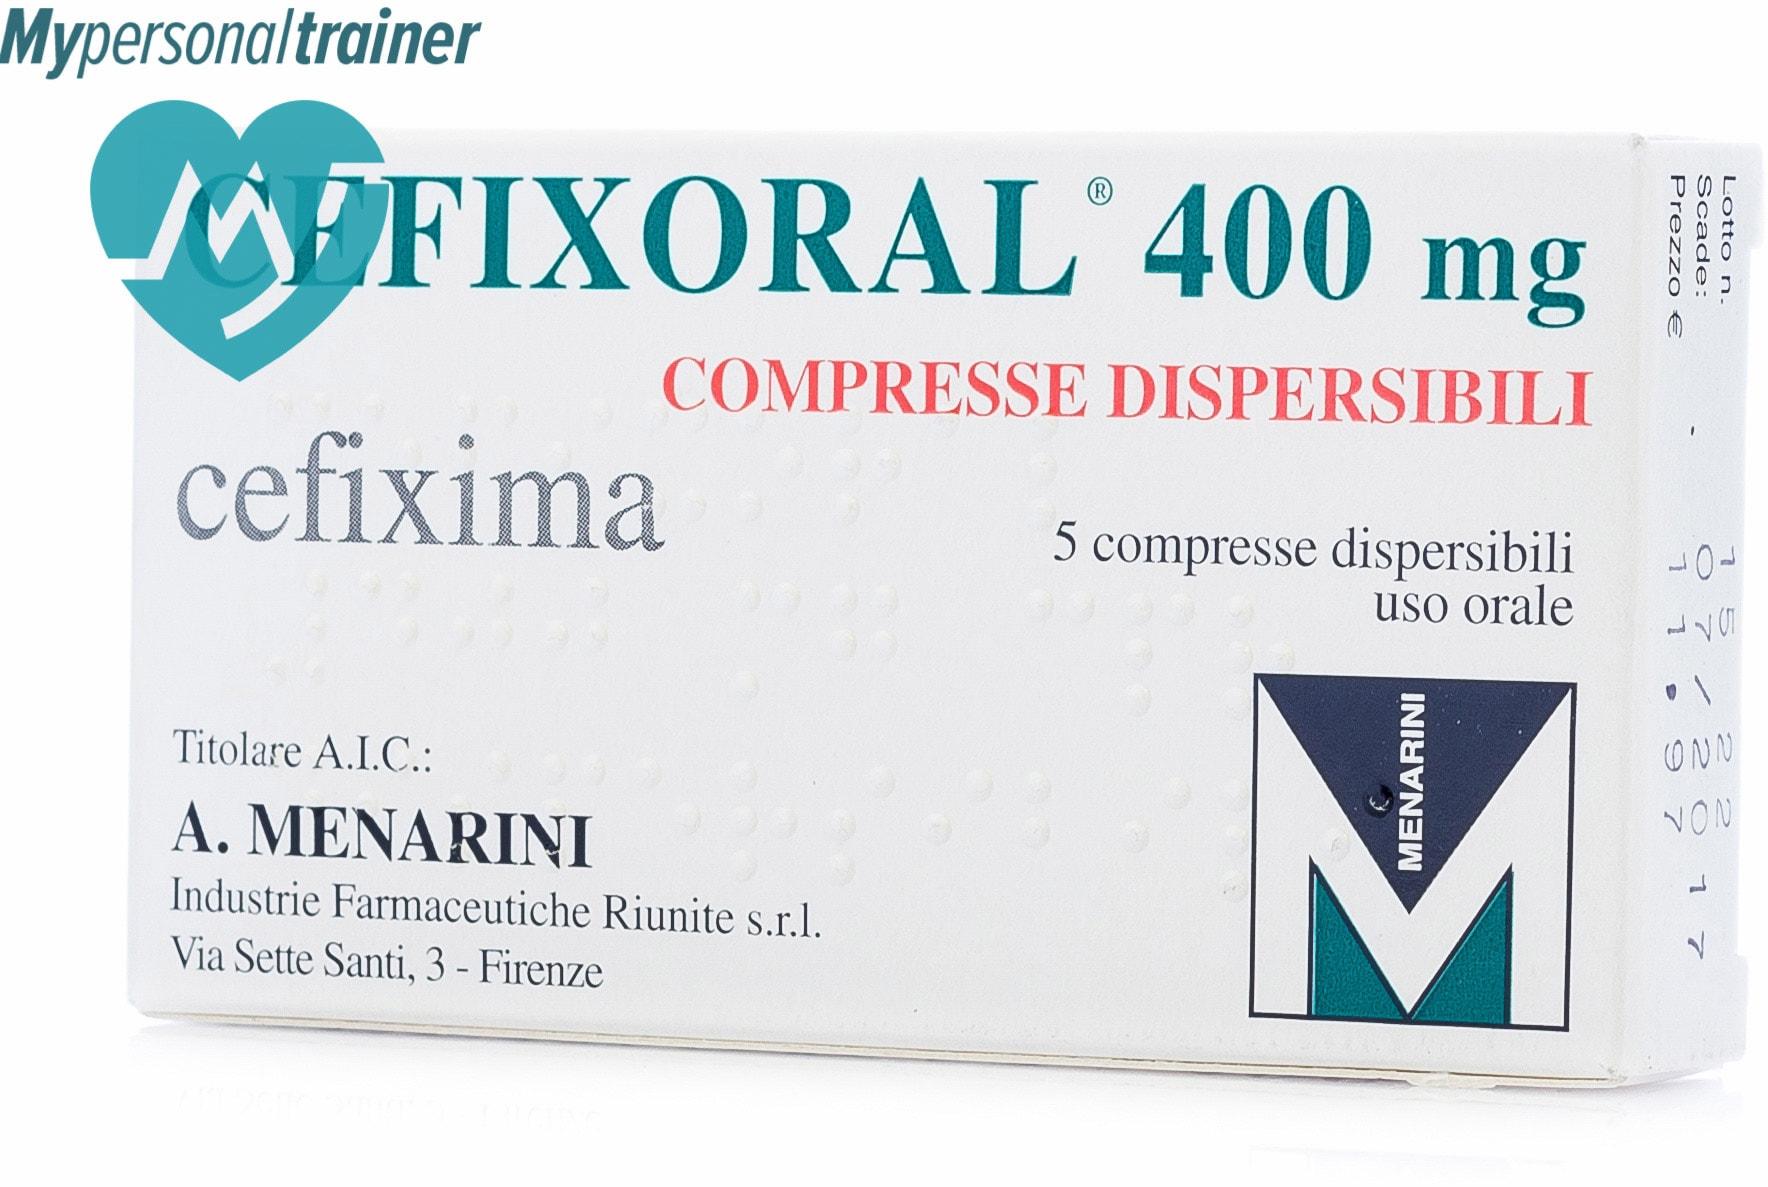 ciproxin antibiotico a cosa serve prodotti x dimagrire naturali